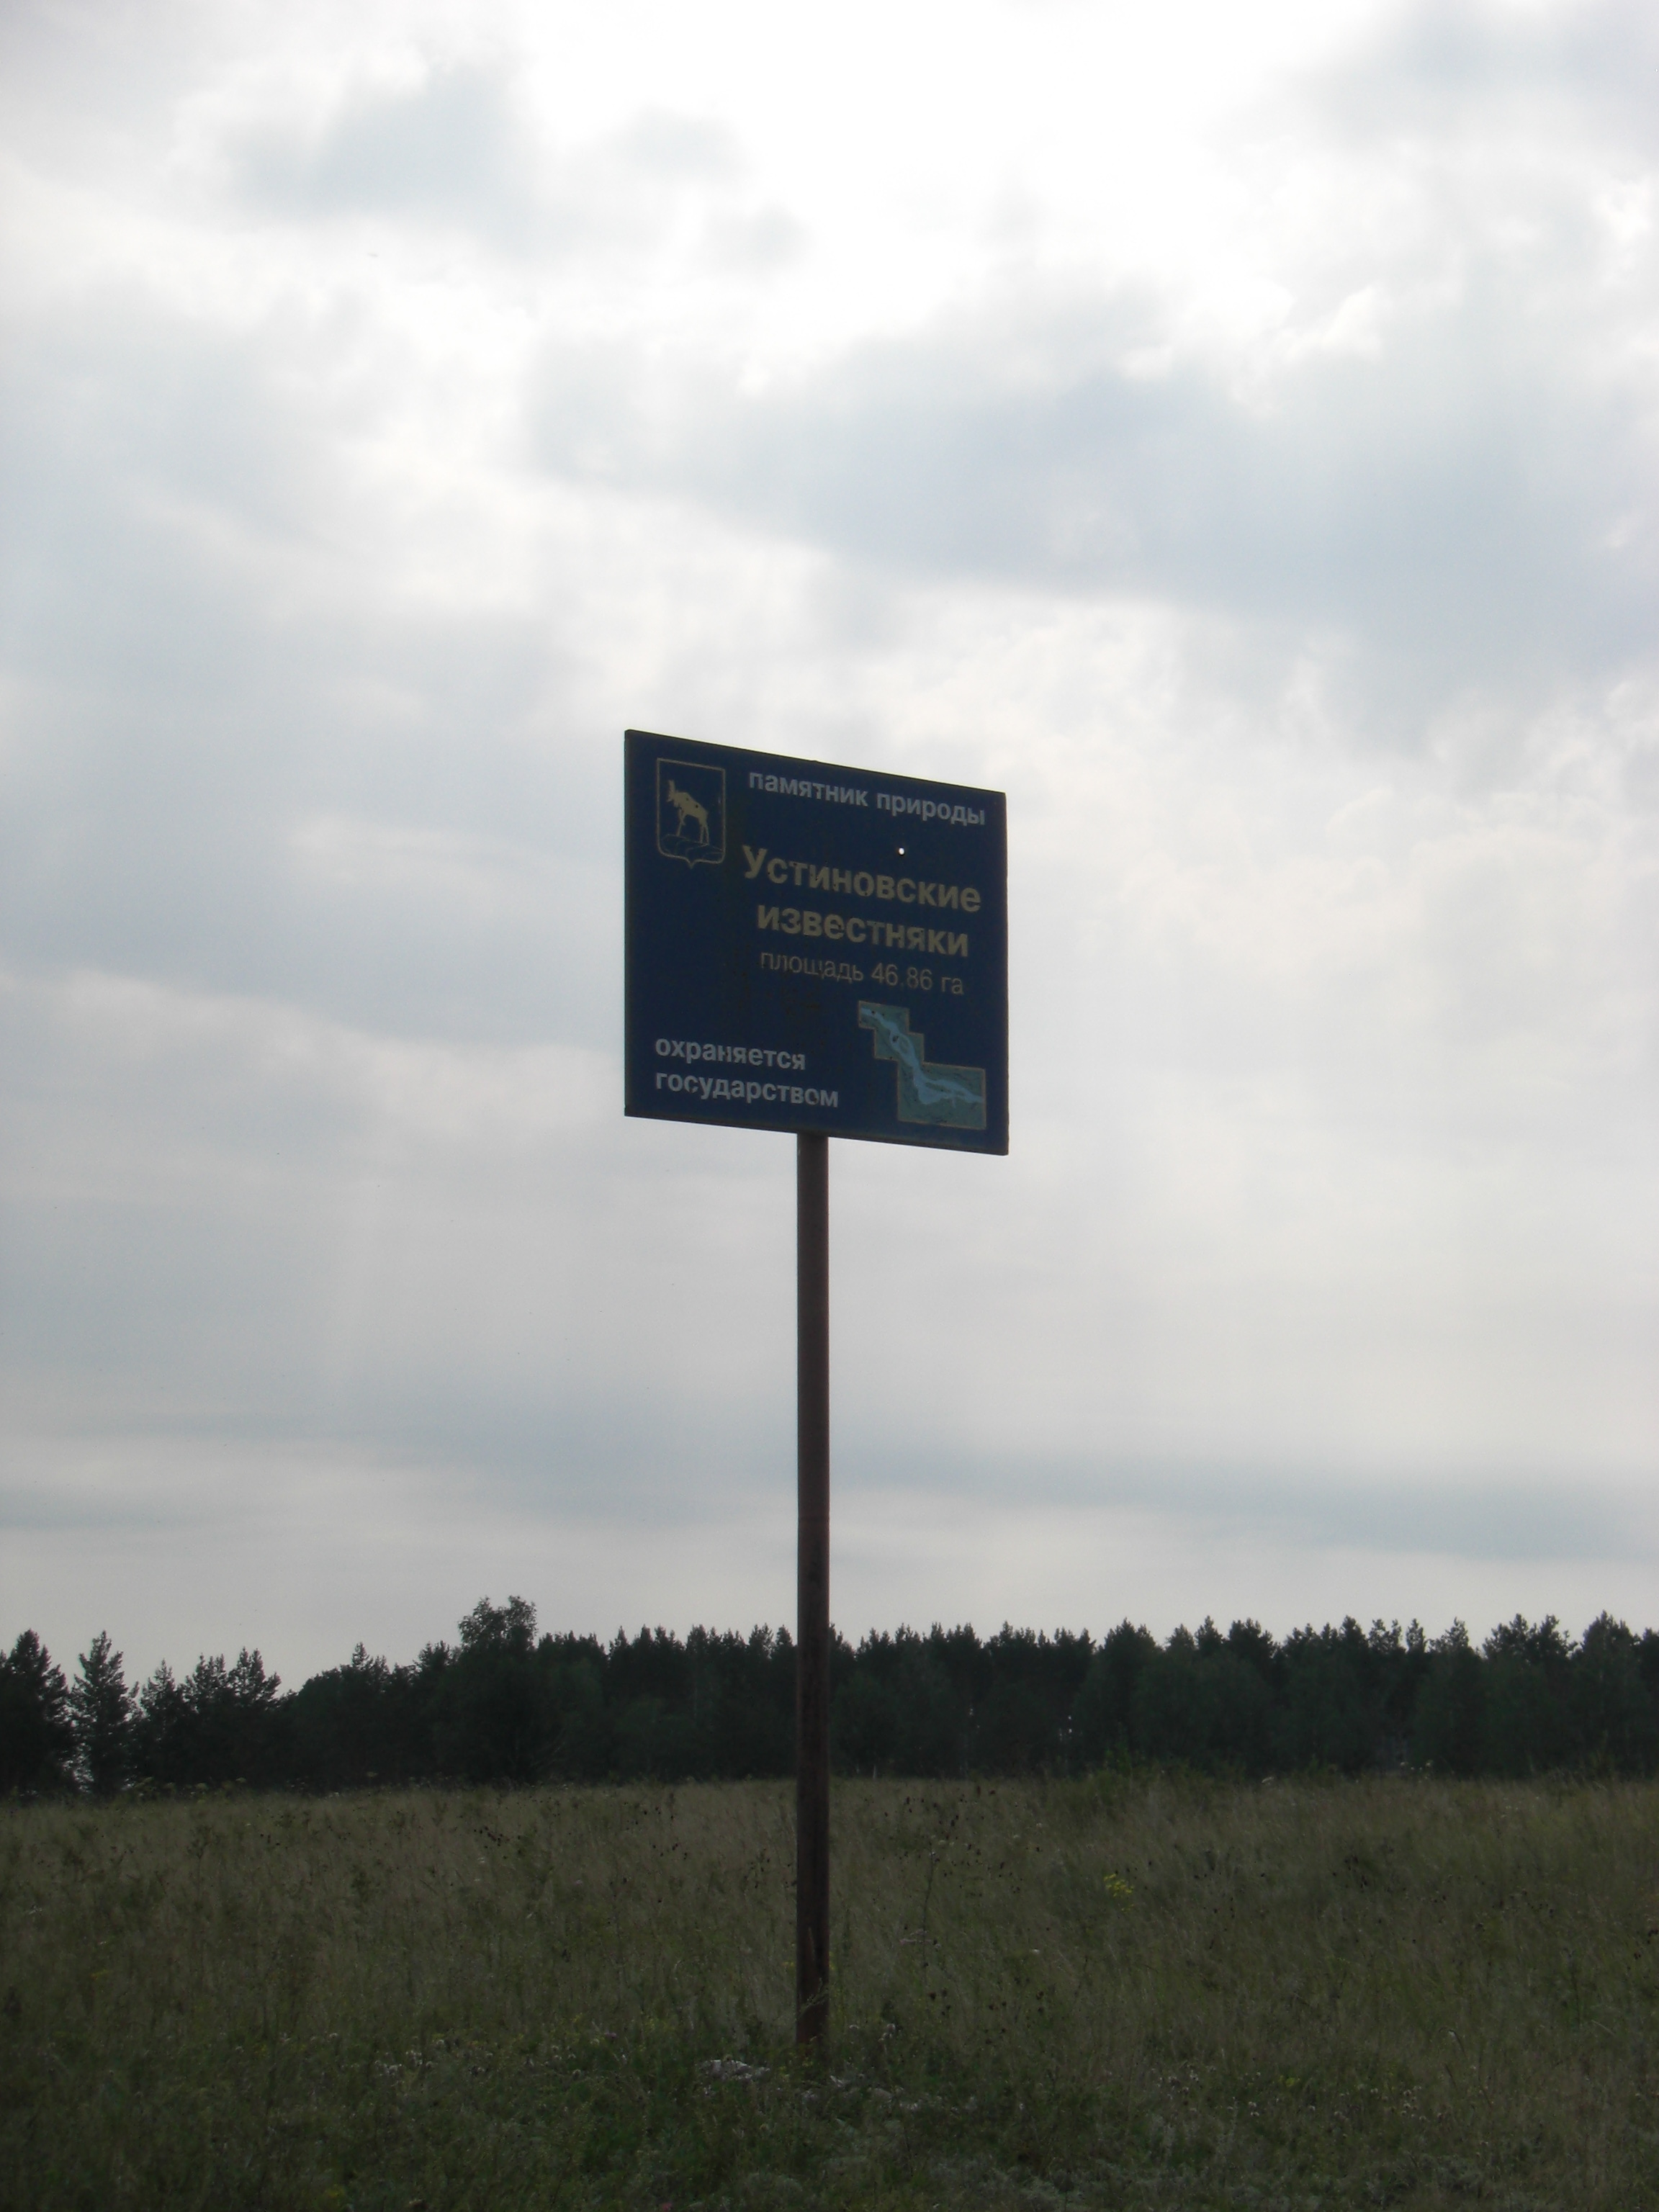 Табличка со схемой Устиновских известняков (22.08.2014)